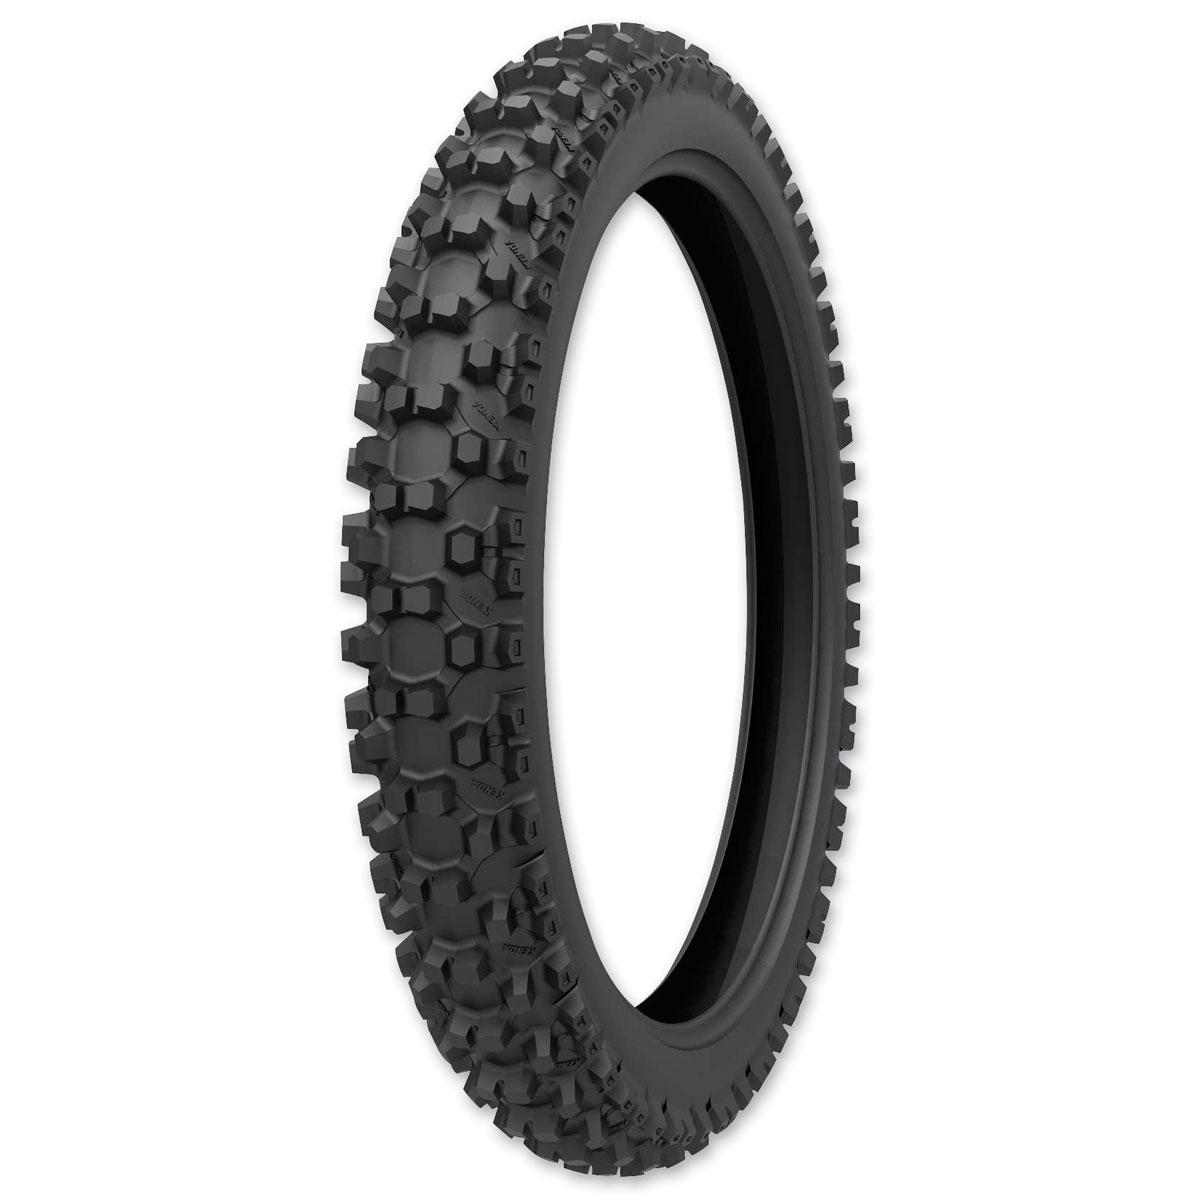 Kenda Tires K785 Millville II 60/100-14 Front Tire